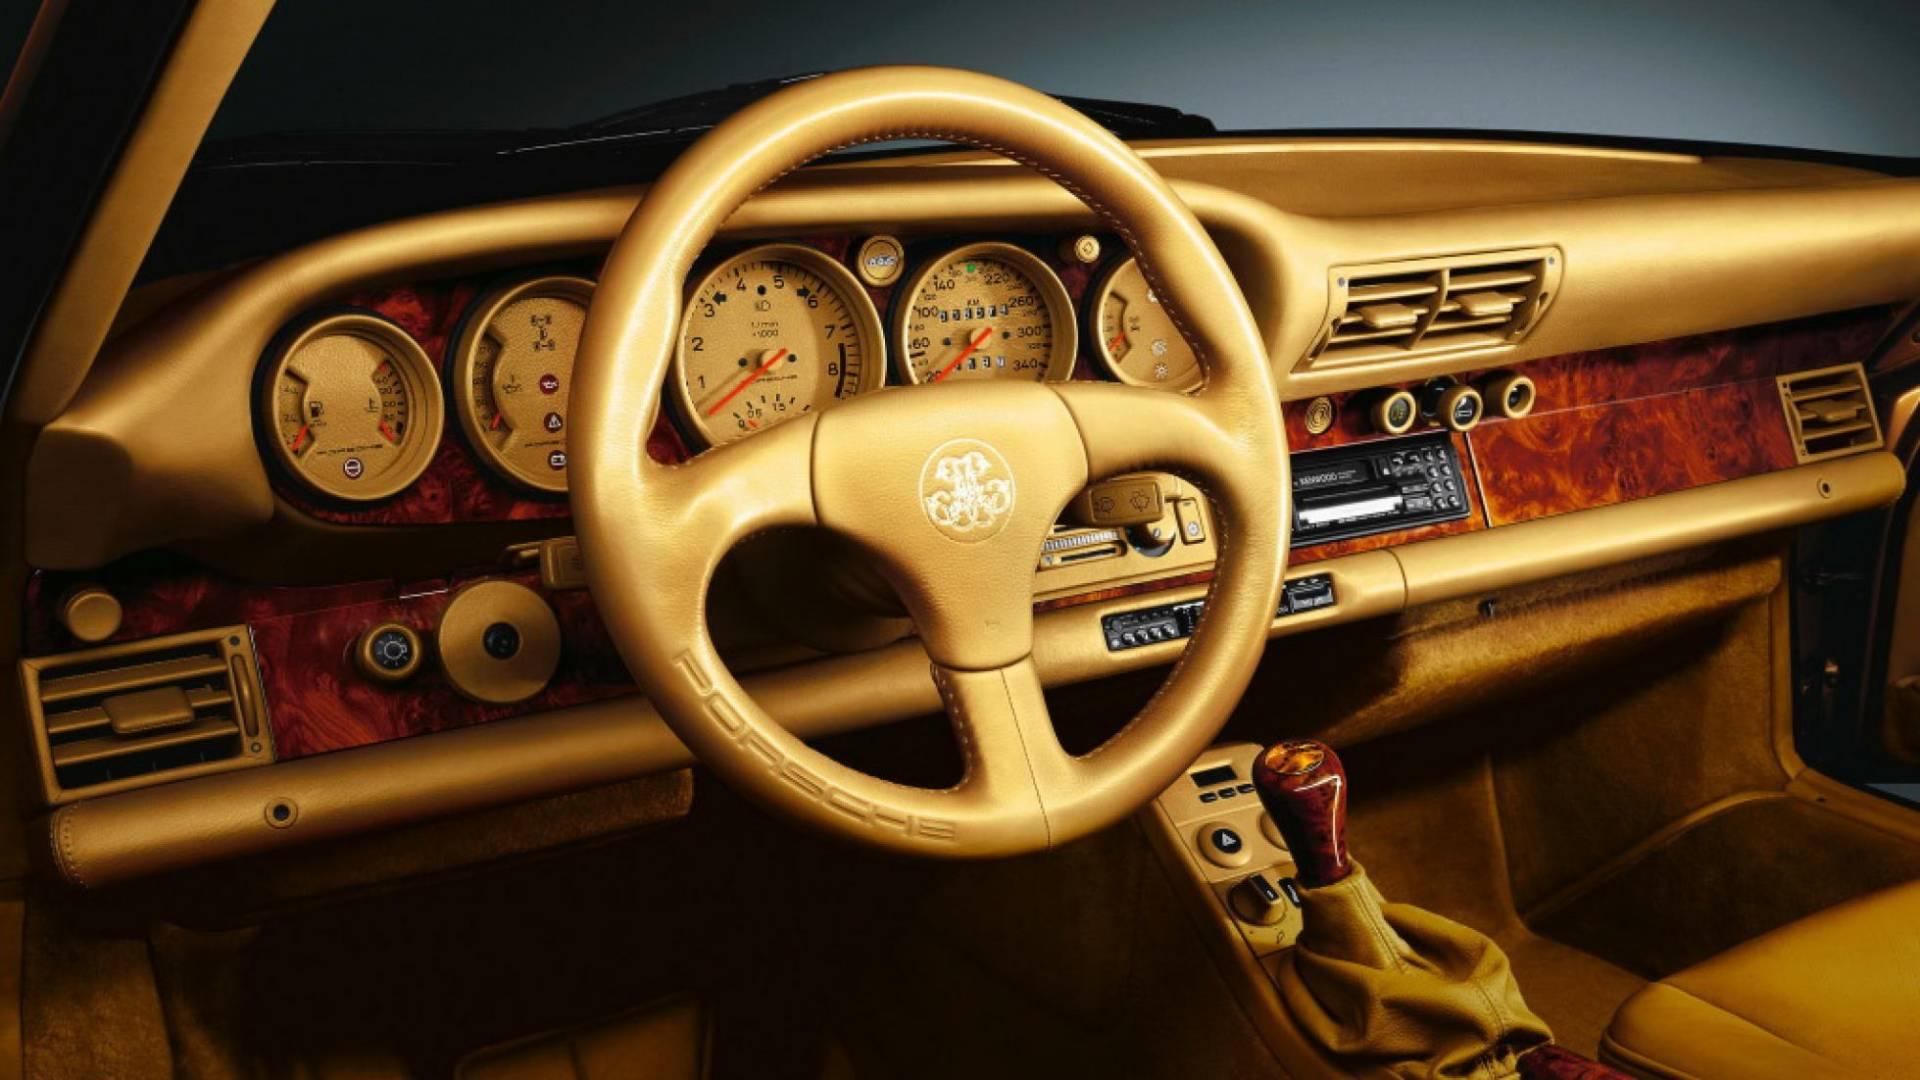 Porsche 959 vàng Gold của hoàng tộc Qatar, 'độc' nhưng chưa phải là tất cả 3